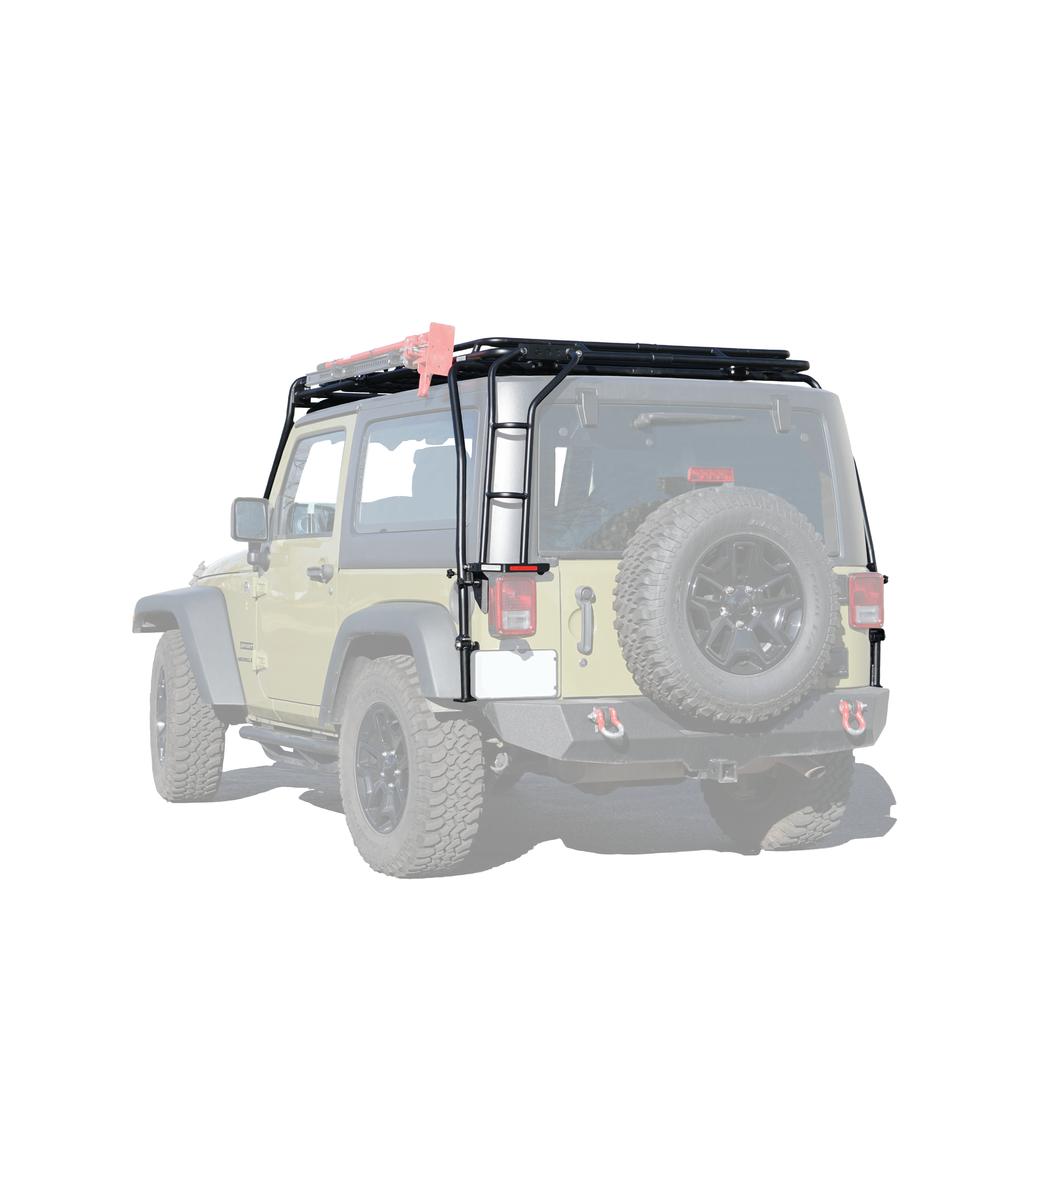 Gobi Jeep Jk 2door Stealth Rack Multi Light 50 Led Setup